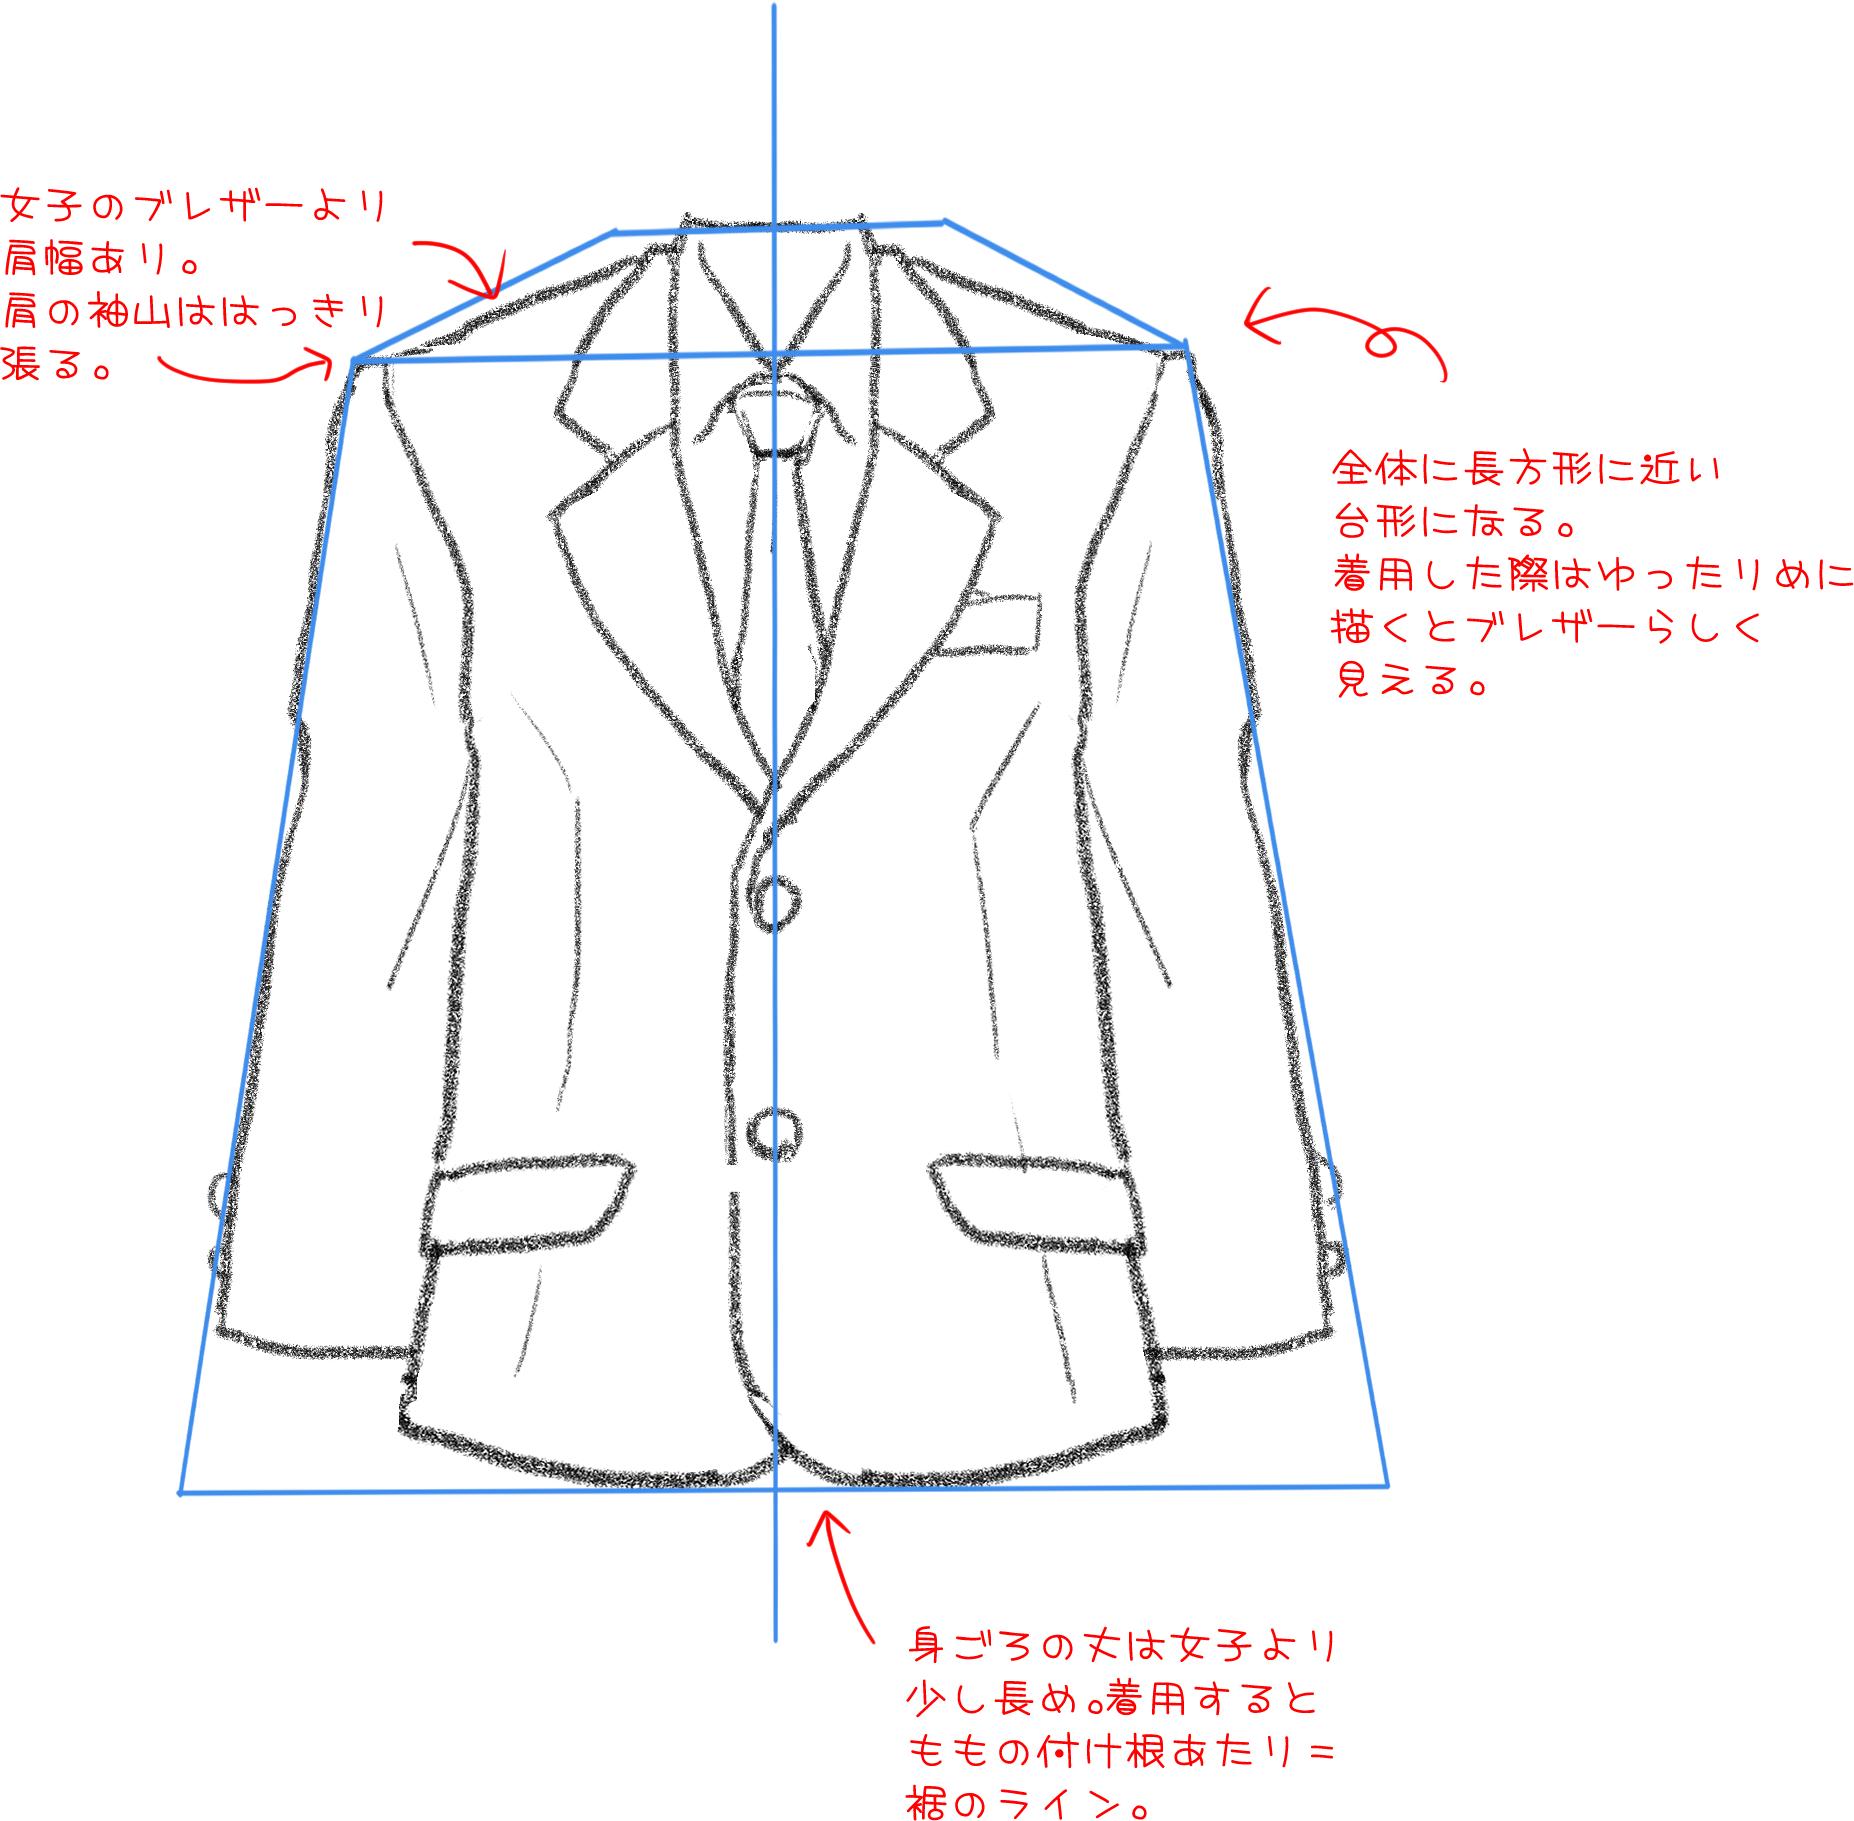 男子編 制服の描き方 いろいろな制服を描いてみよう メディバンペイント Medibang Paint